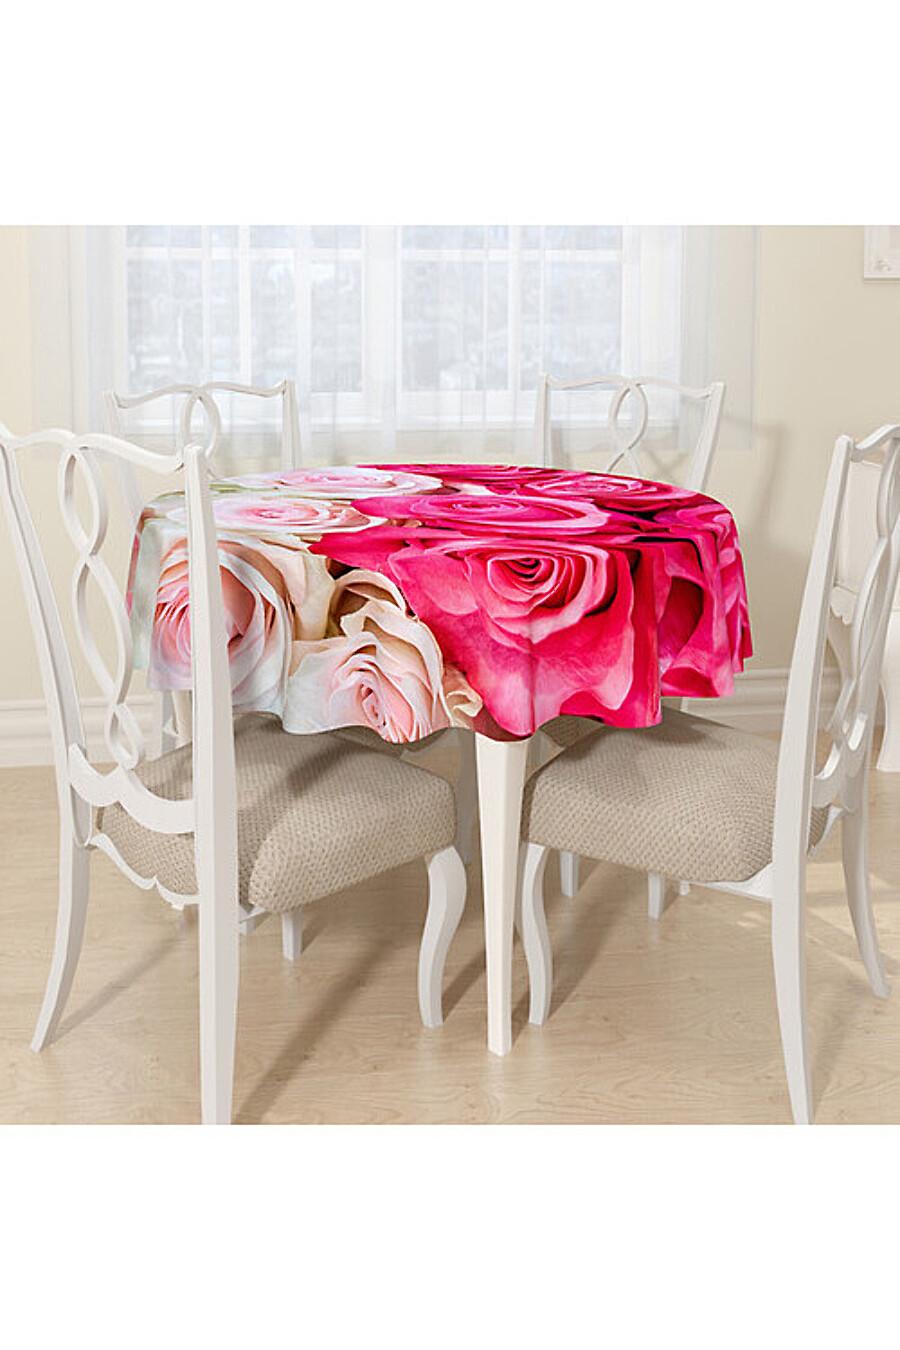 Скатерть для дома ART HOME TEXTILE 180121 купить оптом от производителя. Совместная покупка товаров для дома в OptMoyo